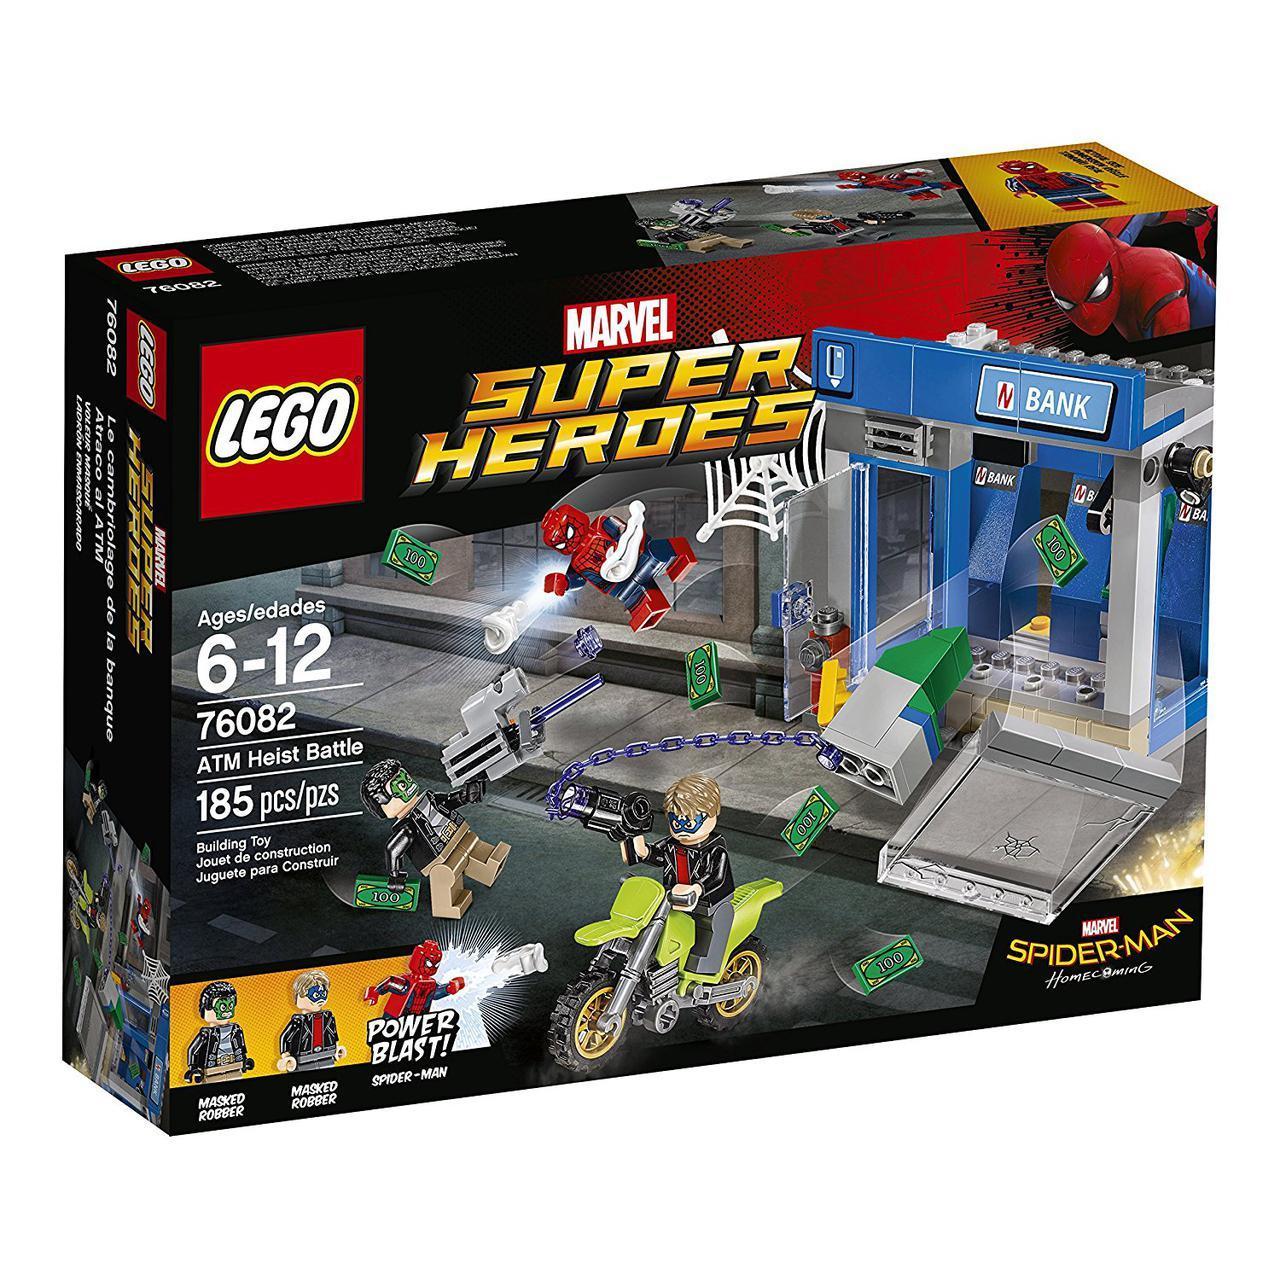 Лего Оригинал Super Heroes Ограбление банкомата ATM Heist Battle 76082 185 деталей